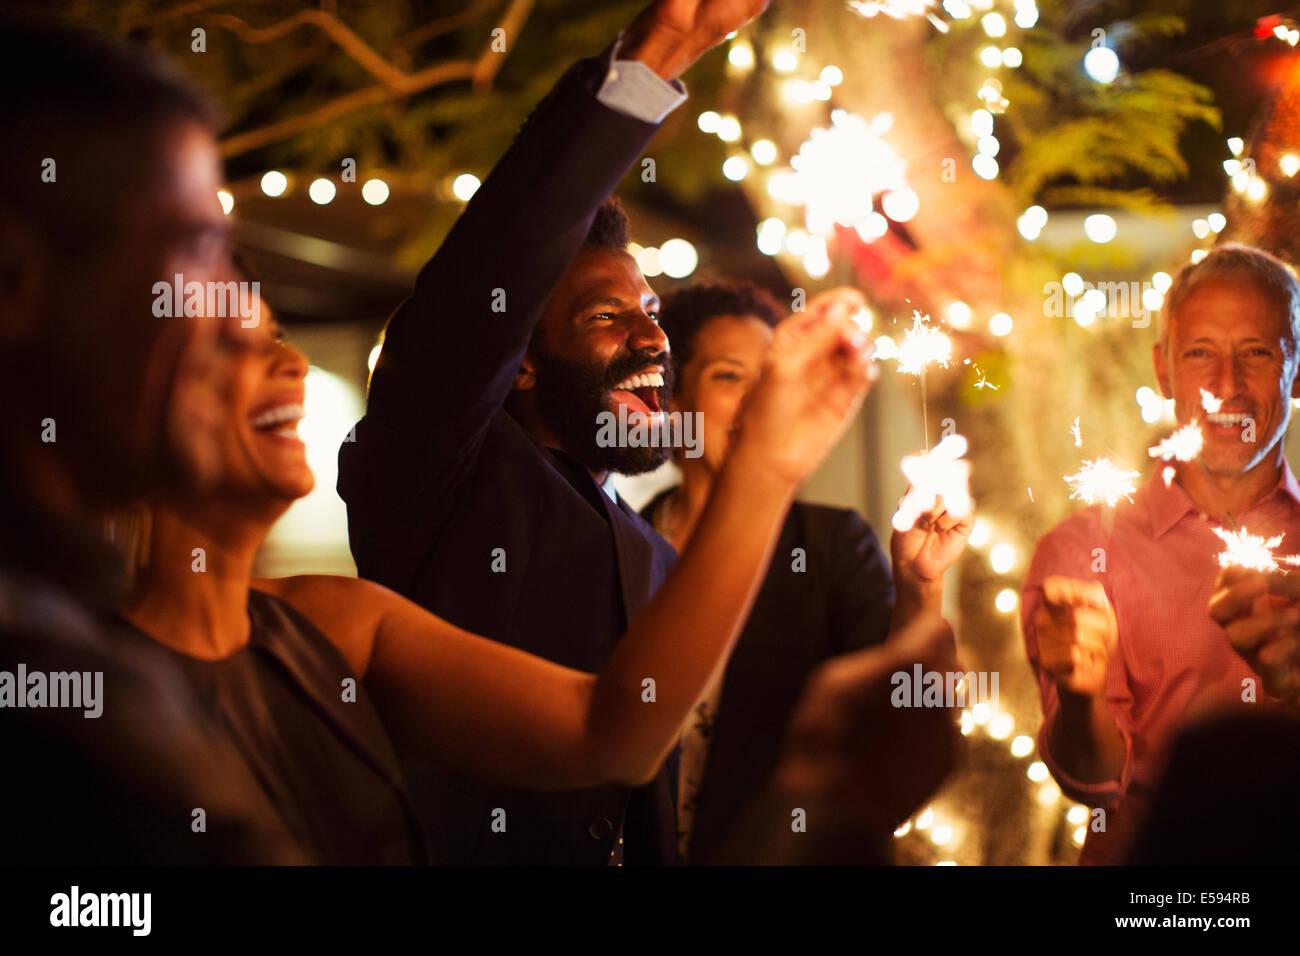 Freunde mit Wunderkerzen auf Party Spielen Stockbild